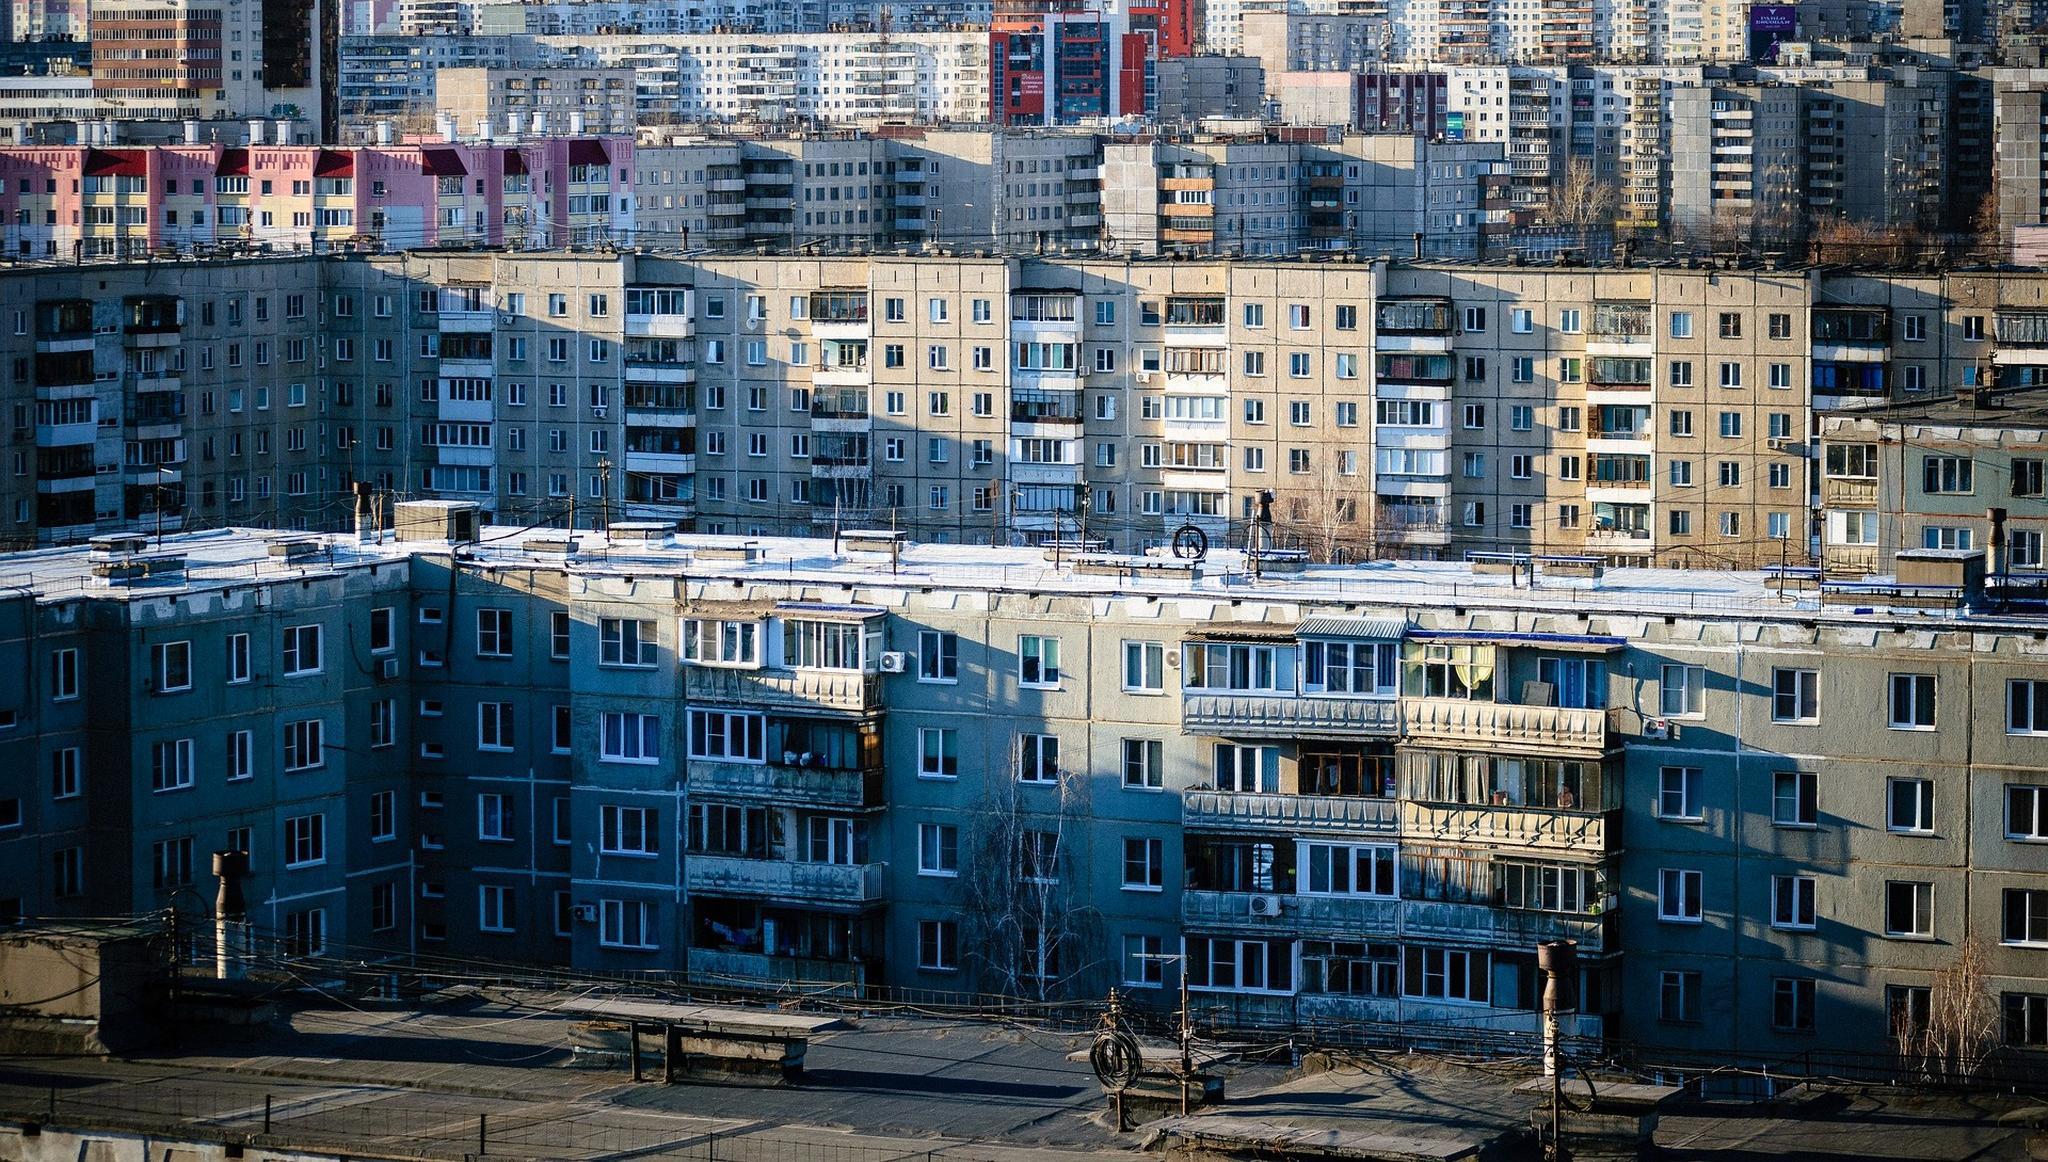 Эксперт предупредил о возможном росте налога на недвижимость в России - новости Афанасий